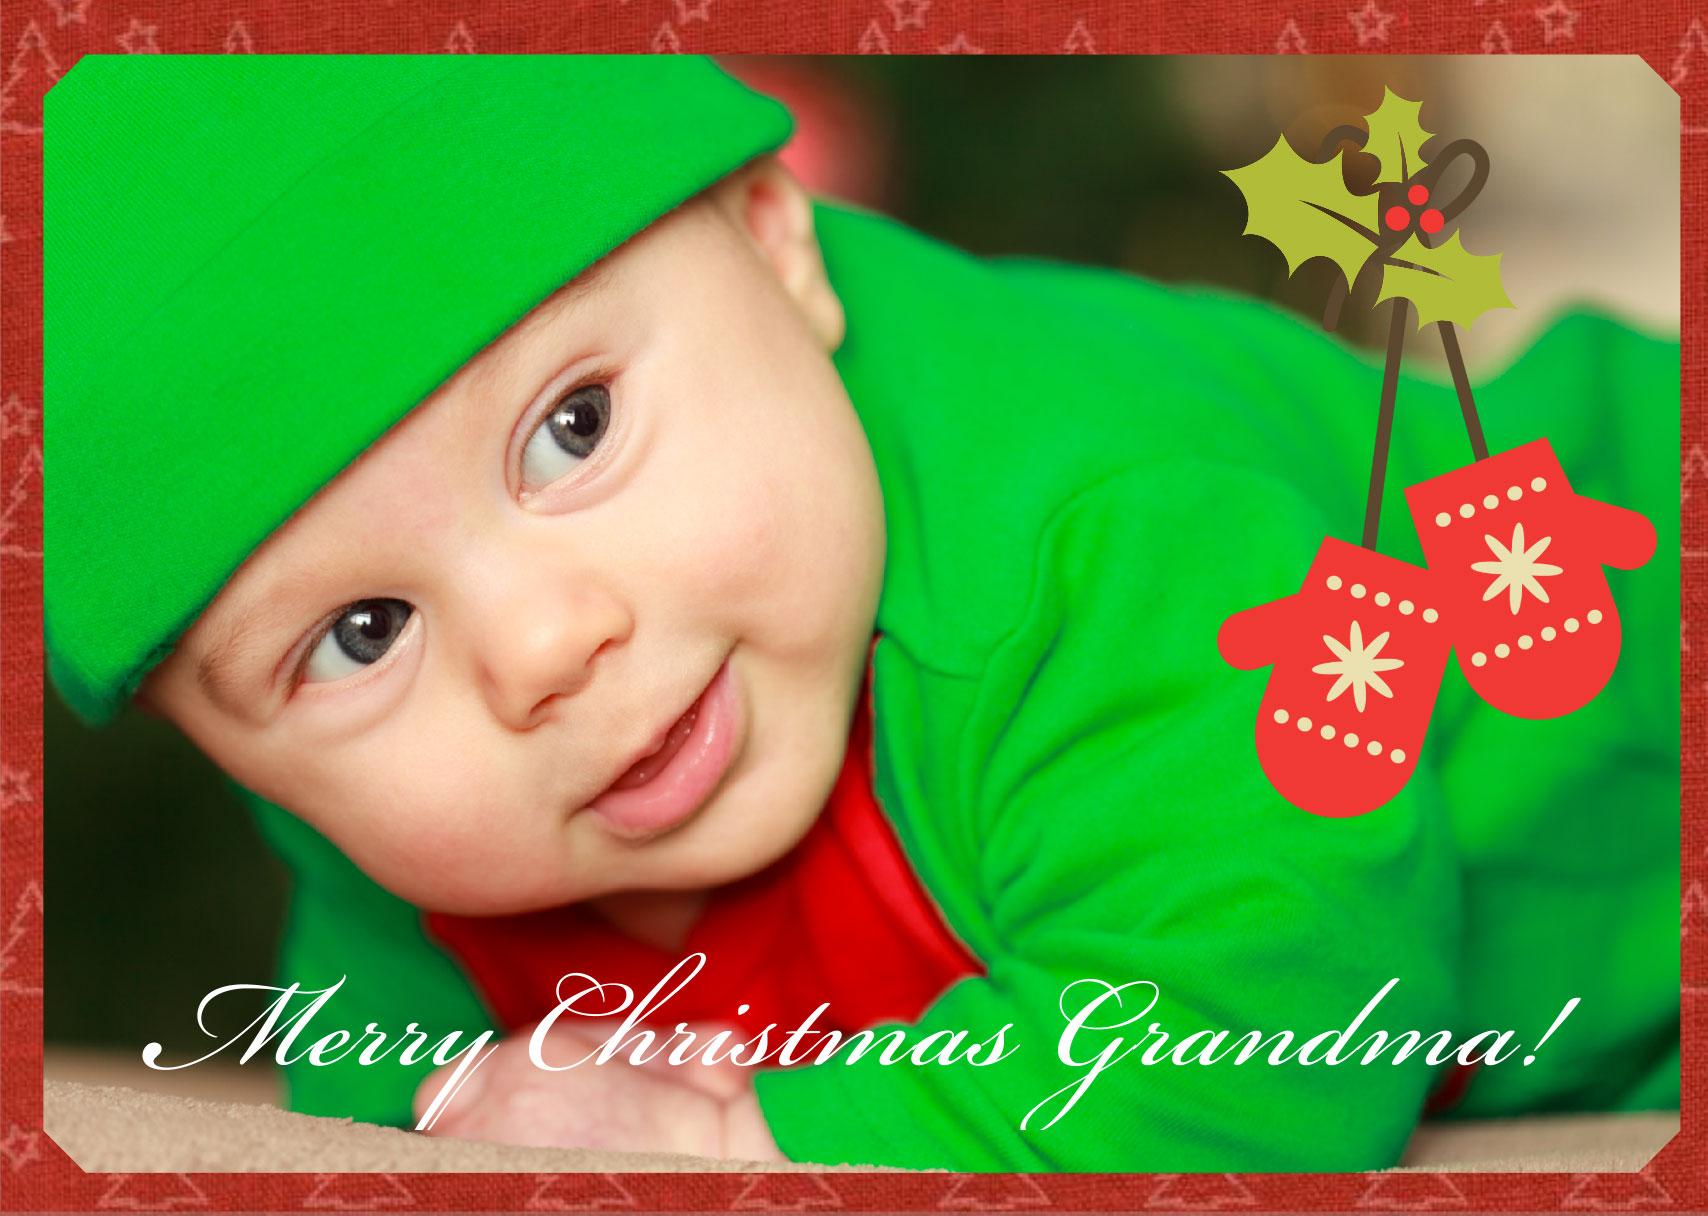 Aprende a dise ar tus tarjetas de navidad easyprint blog - Disenar tarjetas de navidad ...